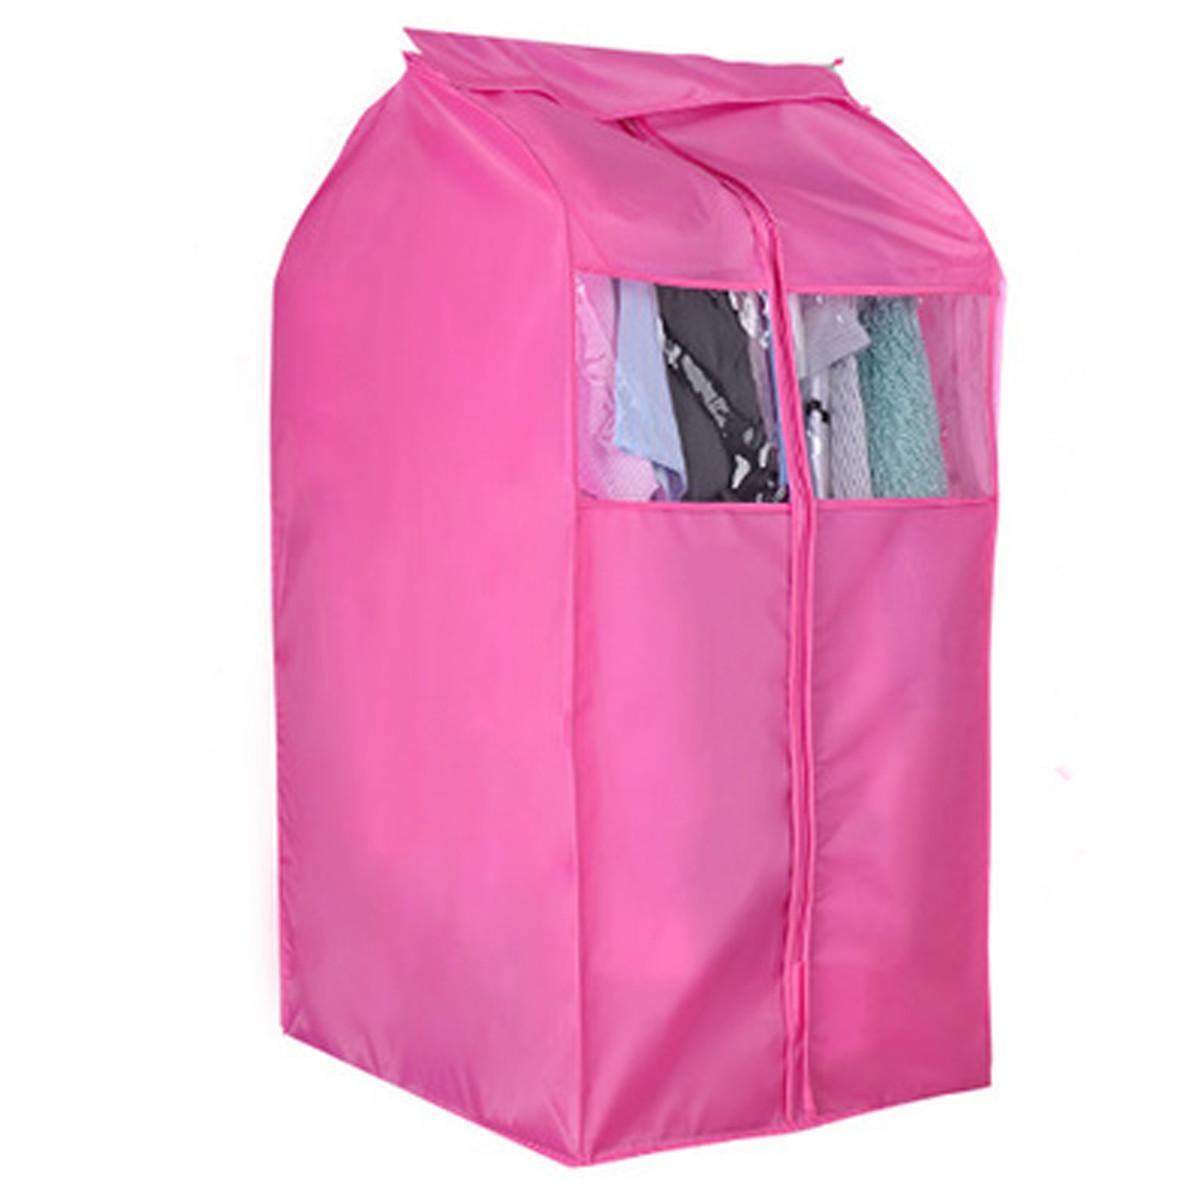 Housse protection vetement - Housse protection portant vetements ...